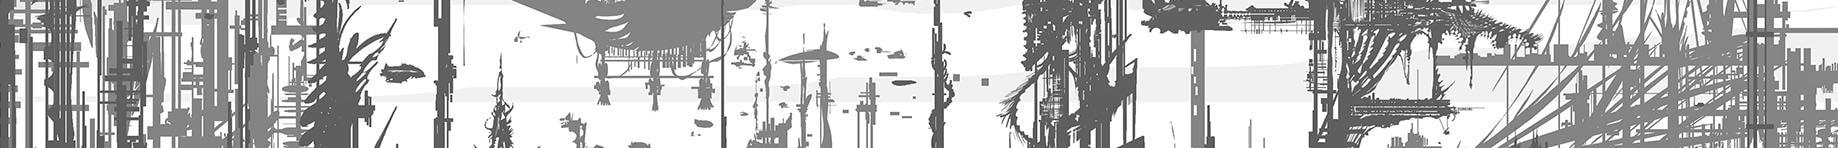 <div class='title'>           billboardoptionsMoreArt-0010-Layer-13-lwudf2         </div>